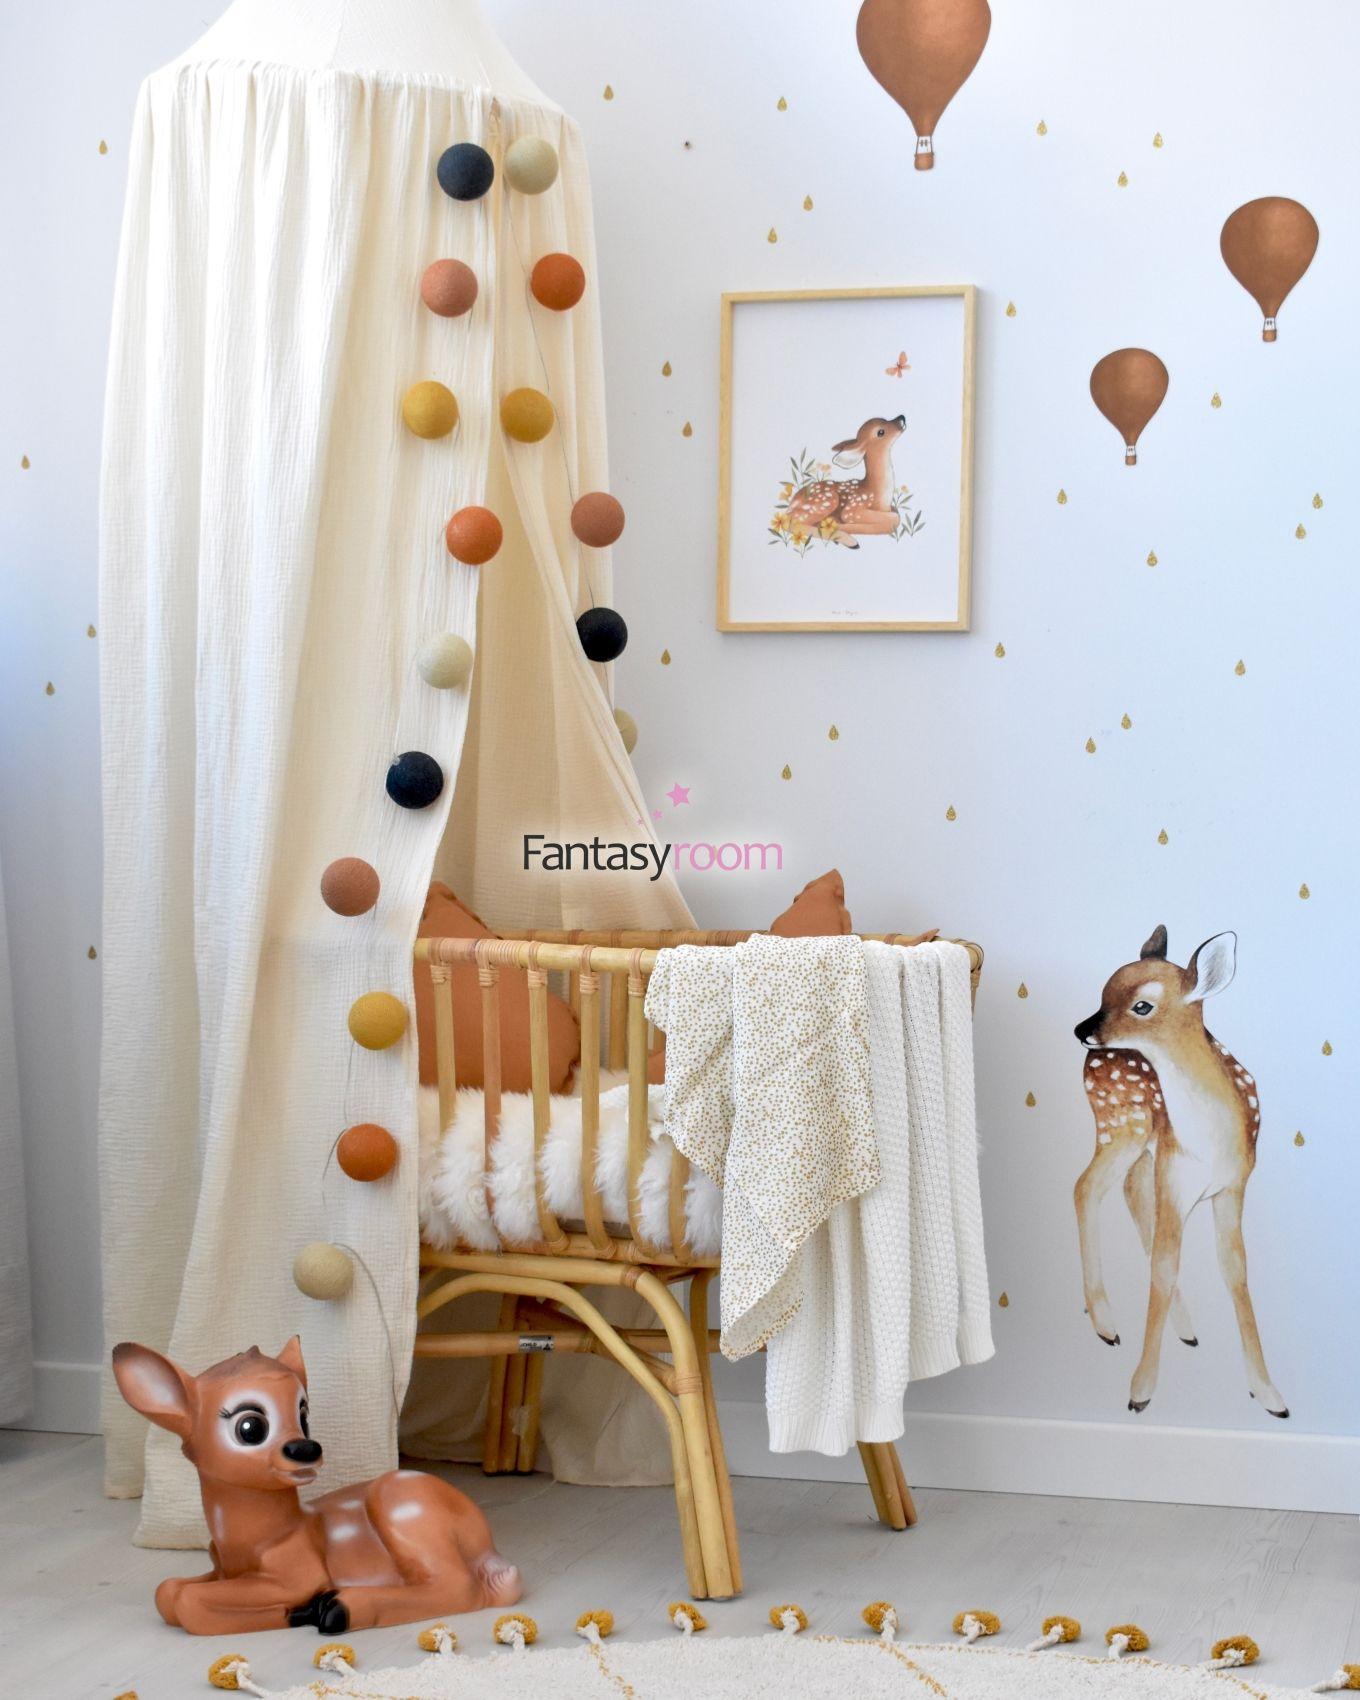 Babyzimmer In Warmen Farben Einrichten Babyzimmer Wandgestaltung Kinder Zimmer Kinderzimmer Dekor